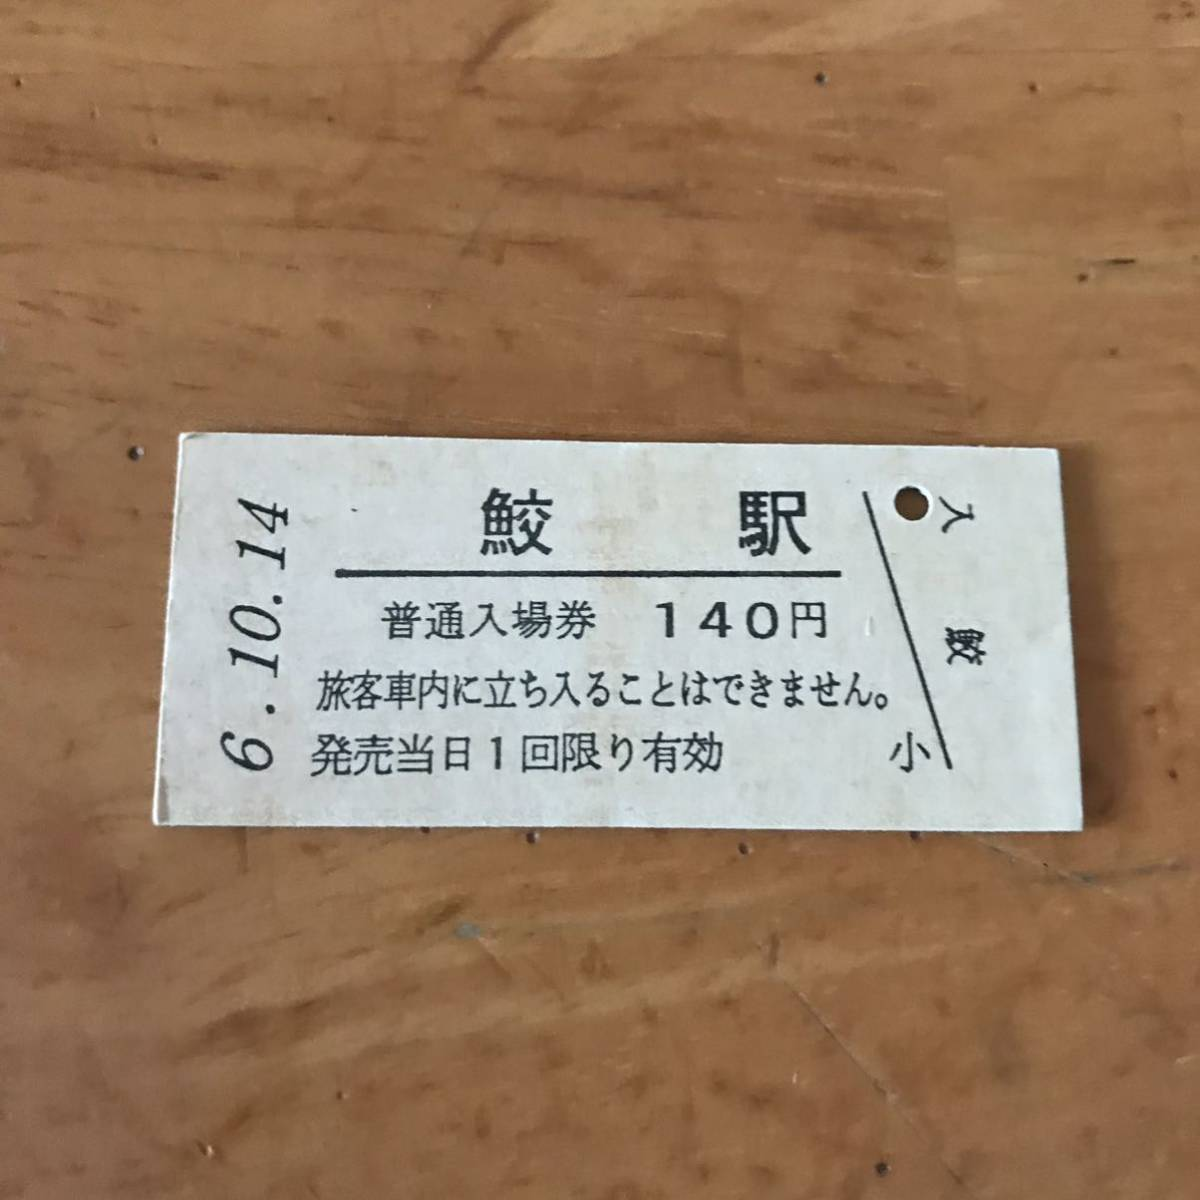 JR東日本 八戸線 鮫駅(平成6年)_画像1